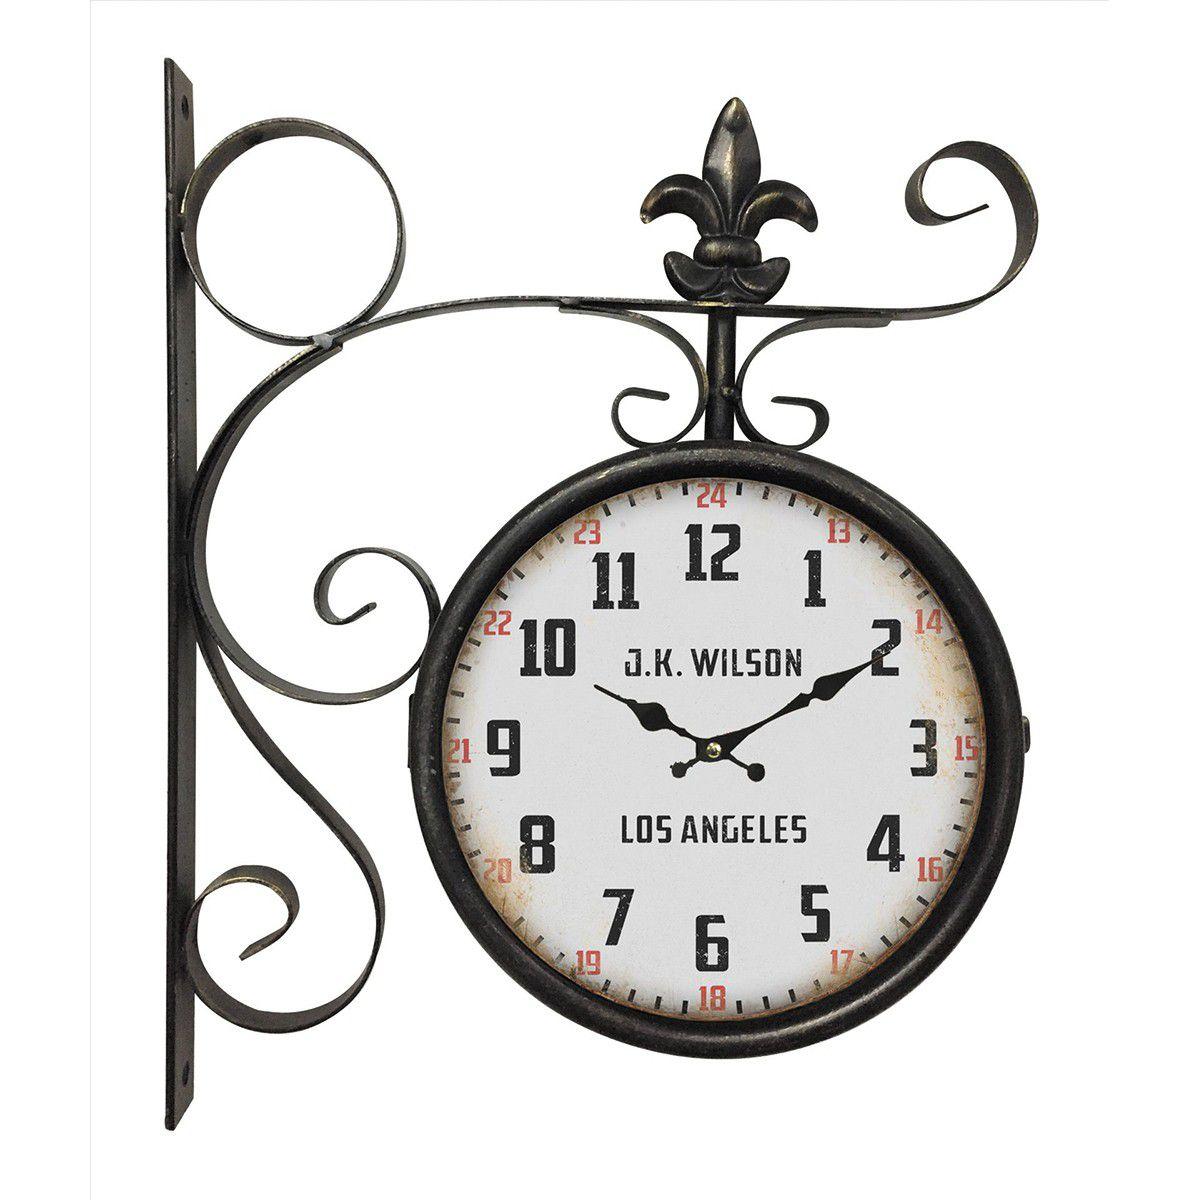 Relógio de parede dupla face J.K Wilson Los Angeles